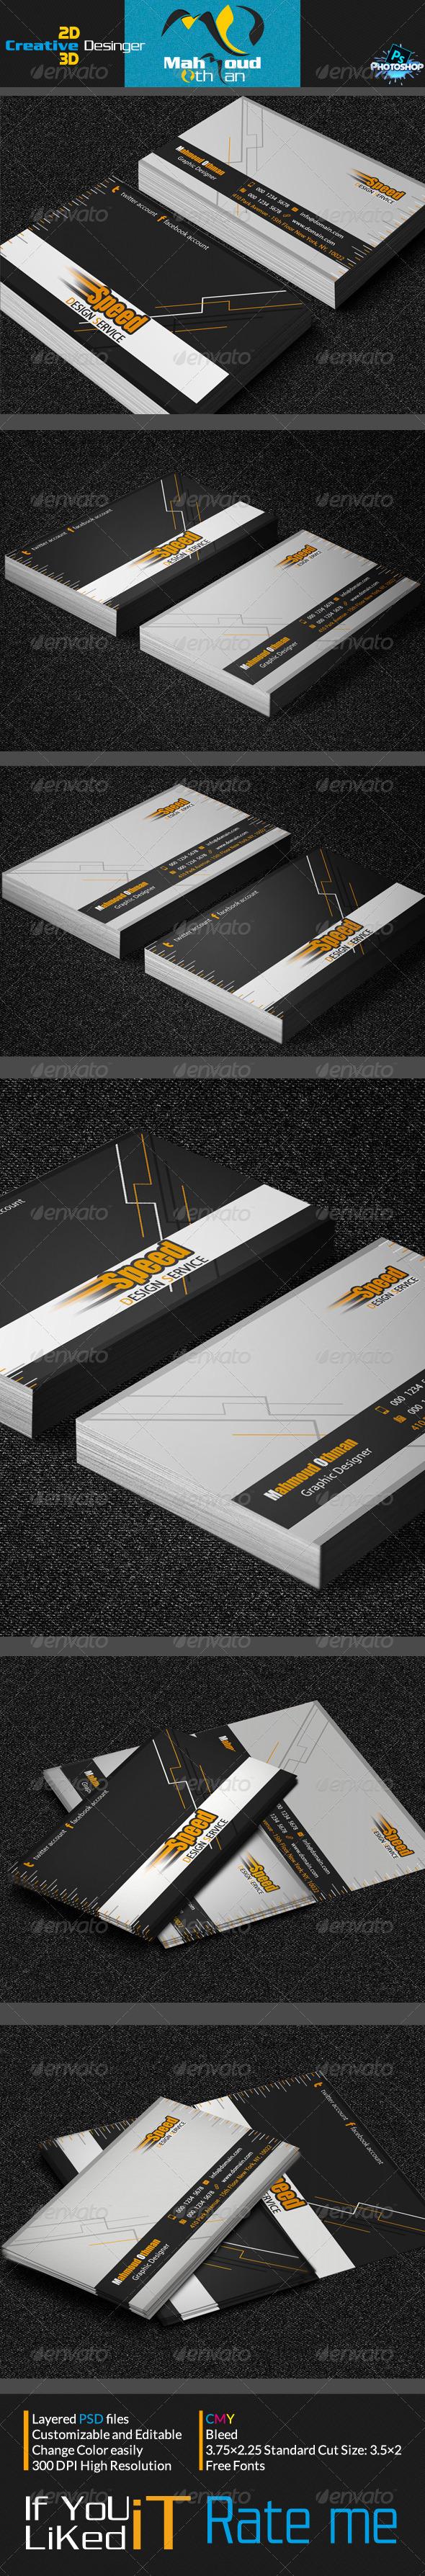 GraphicRiver Creative Business Card V06 7155805